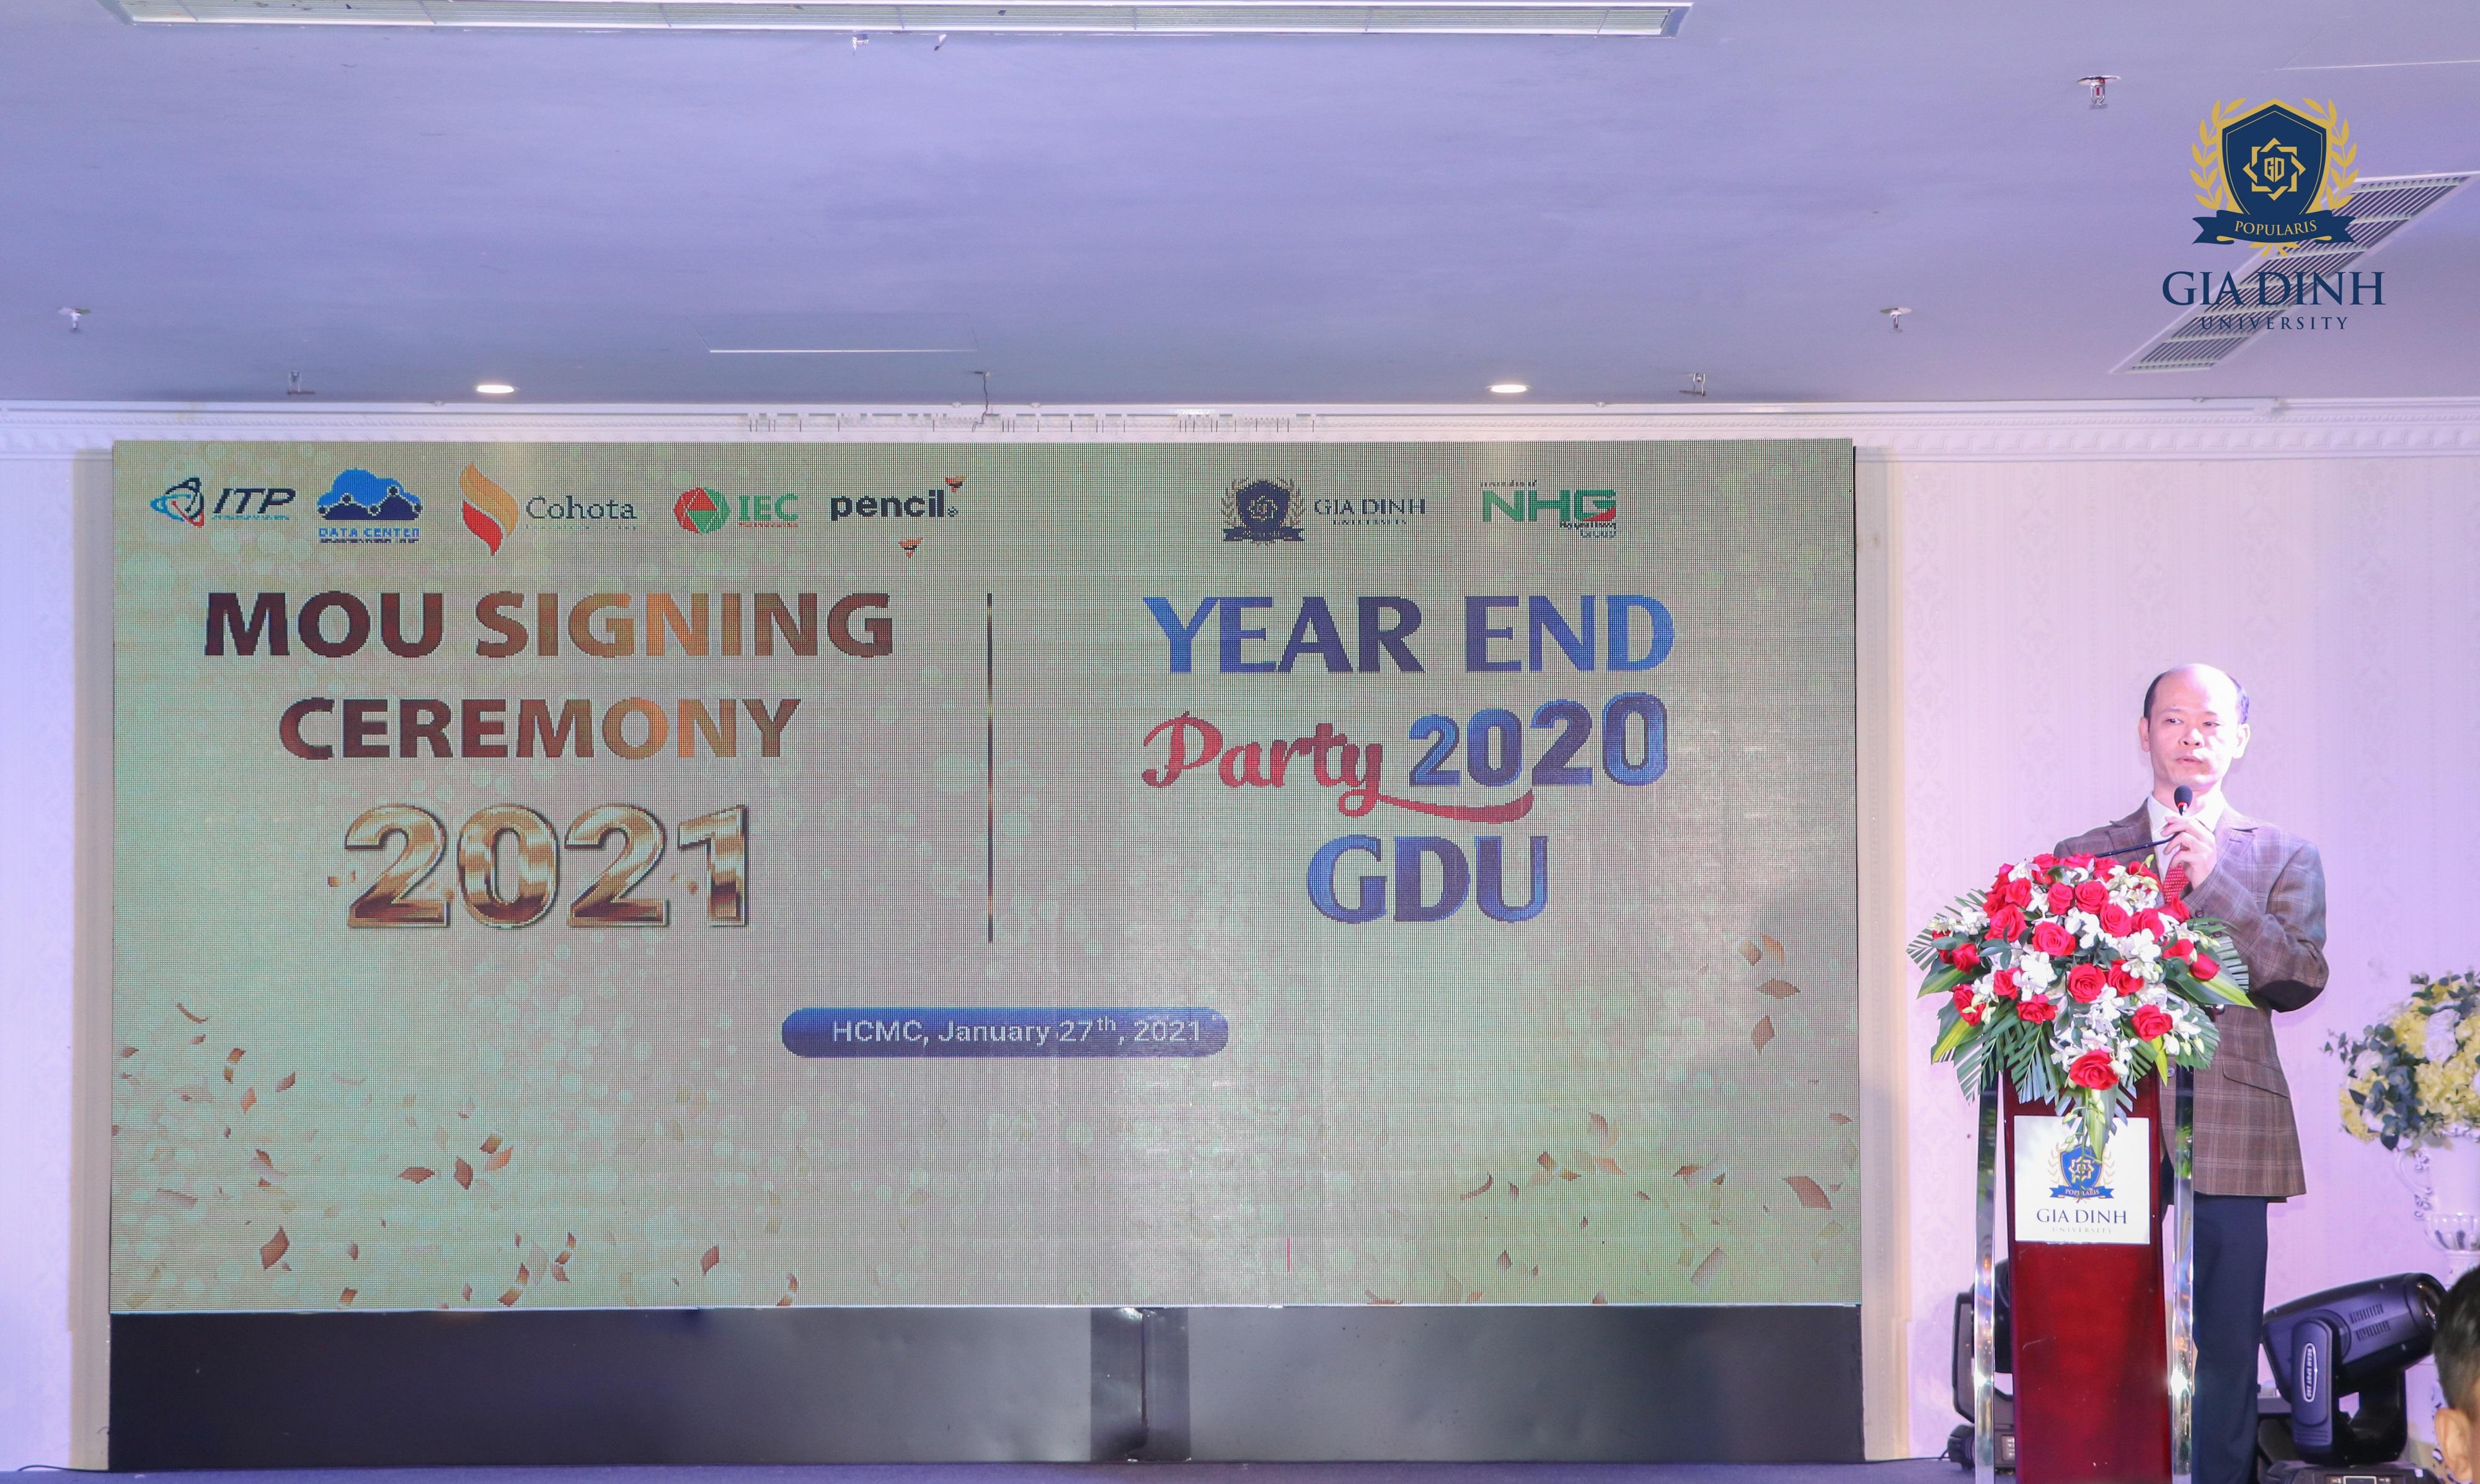 IMG 6266 Trường Đại học Gia Định (GDU) ký kết hợp tác đào tạo với công ty Pencil Group